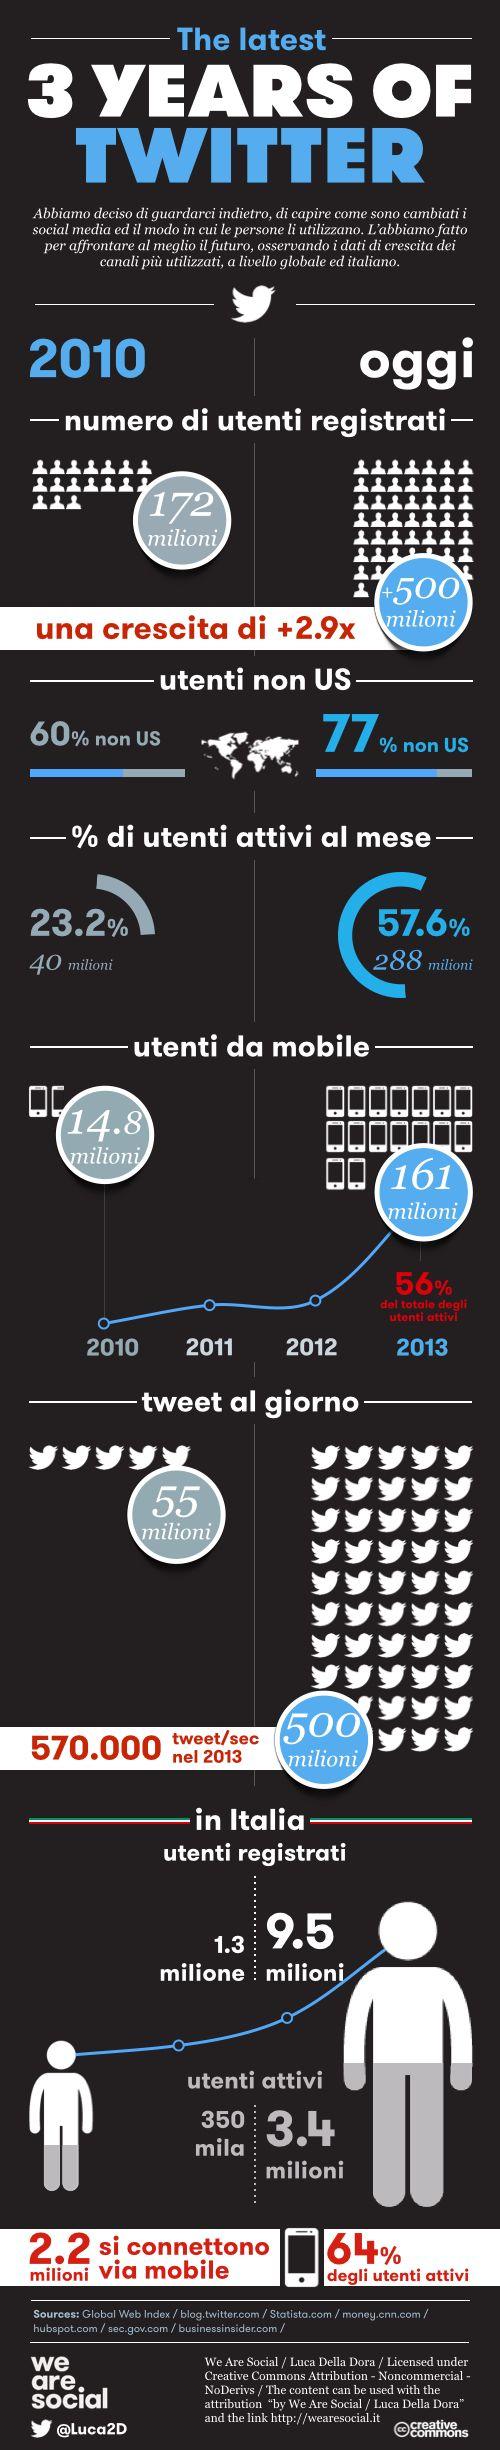 The latest 3 years of Twitter: 3.4 milioni di utenti attivi in Italia